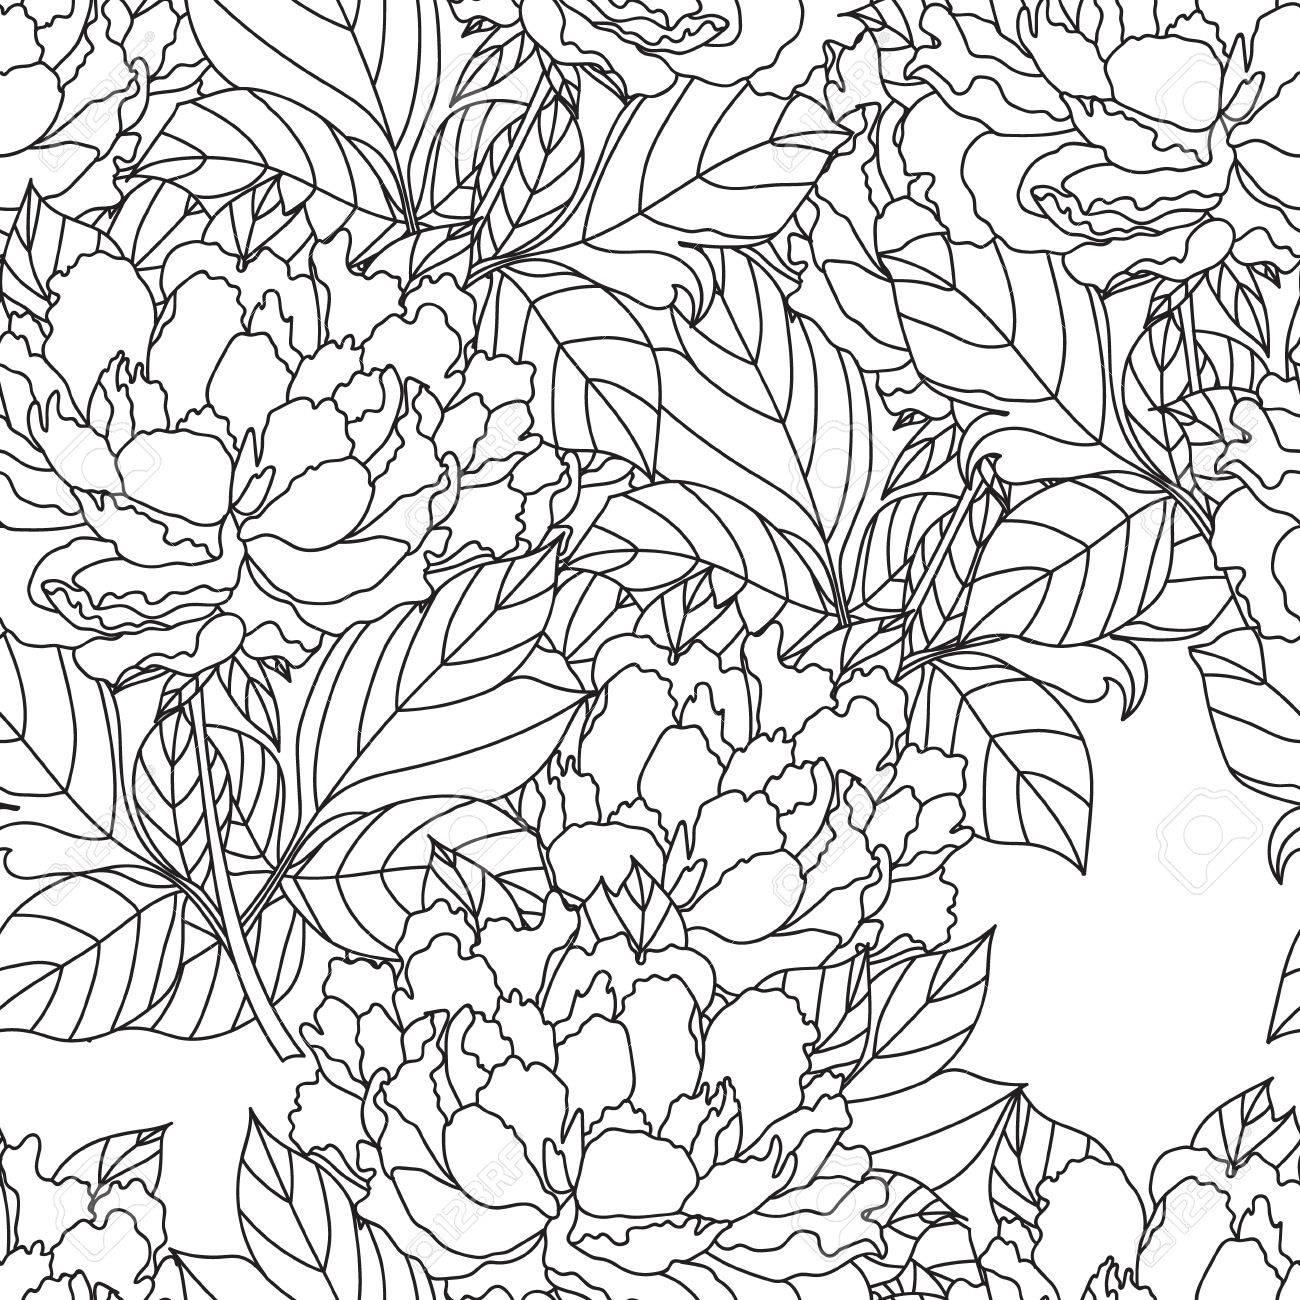 Coloriage Adulte Vegetation.Bouquet De Pivoine Sans Soudure Coloriage Page De Livre Pour Les